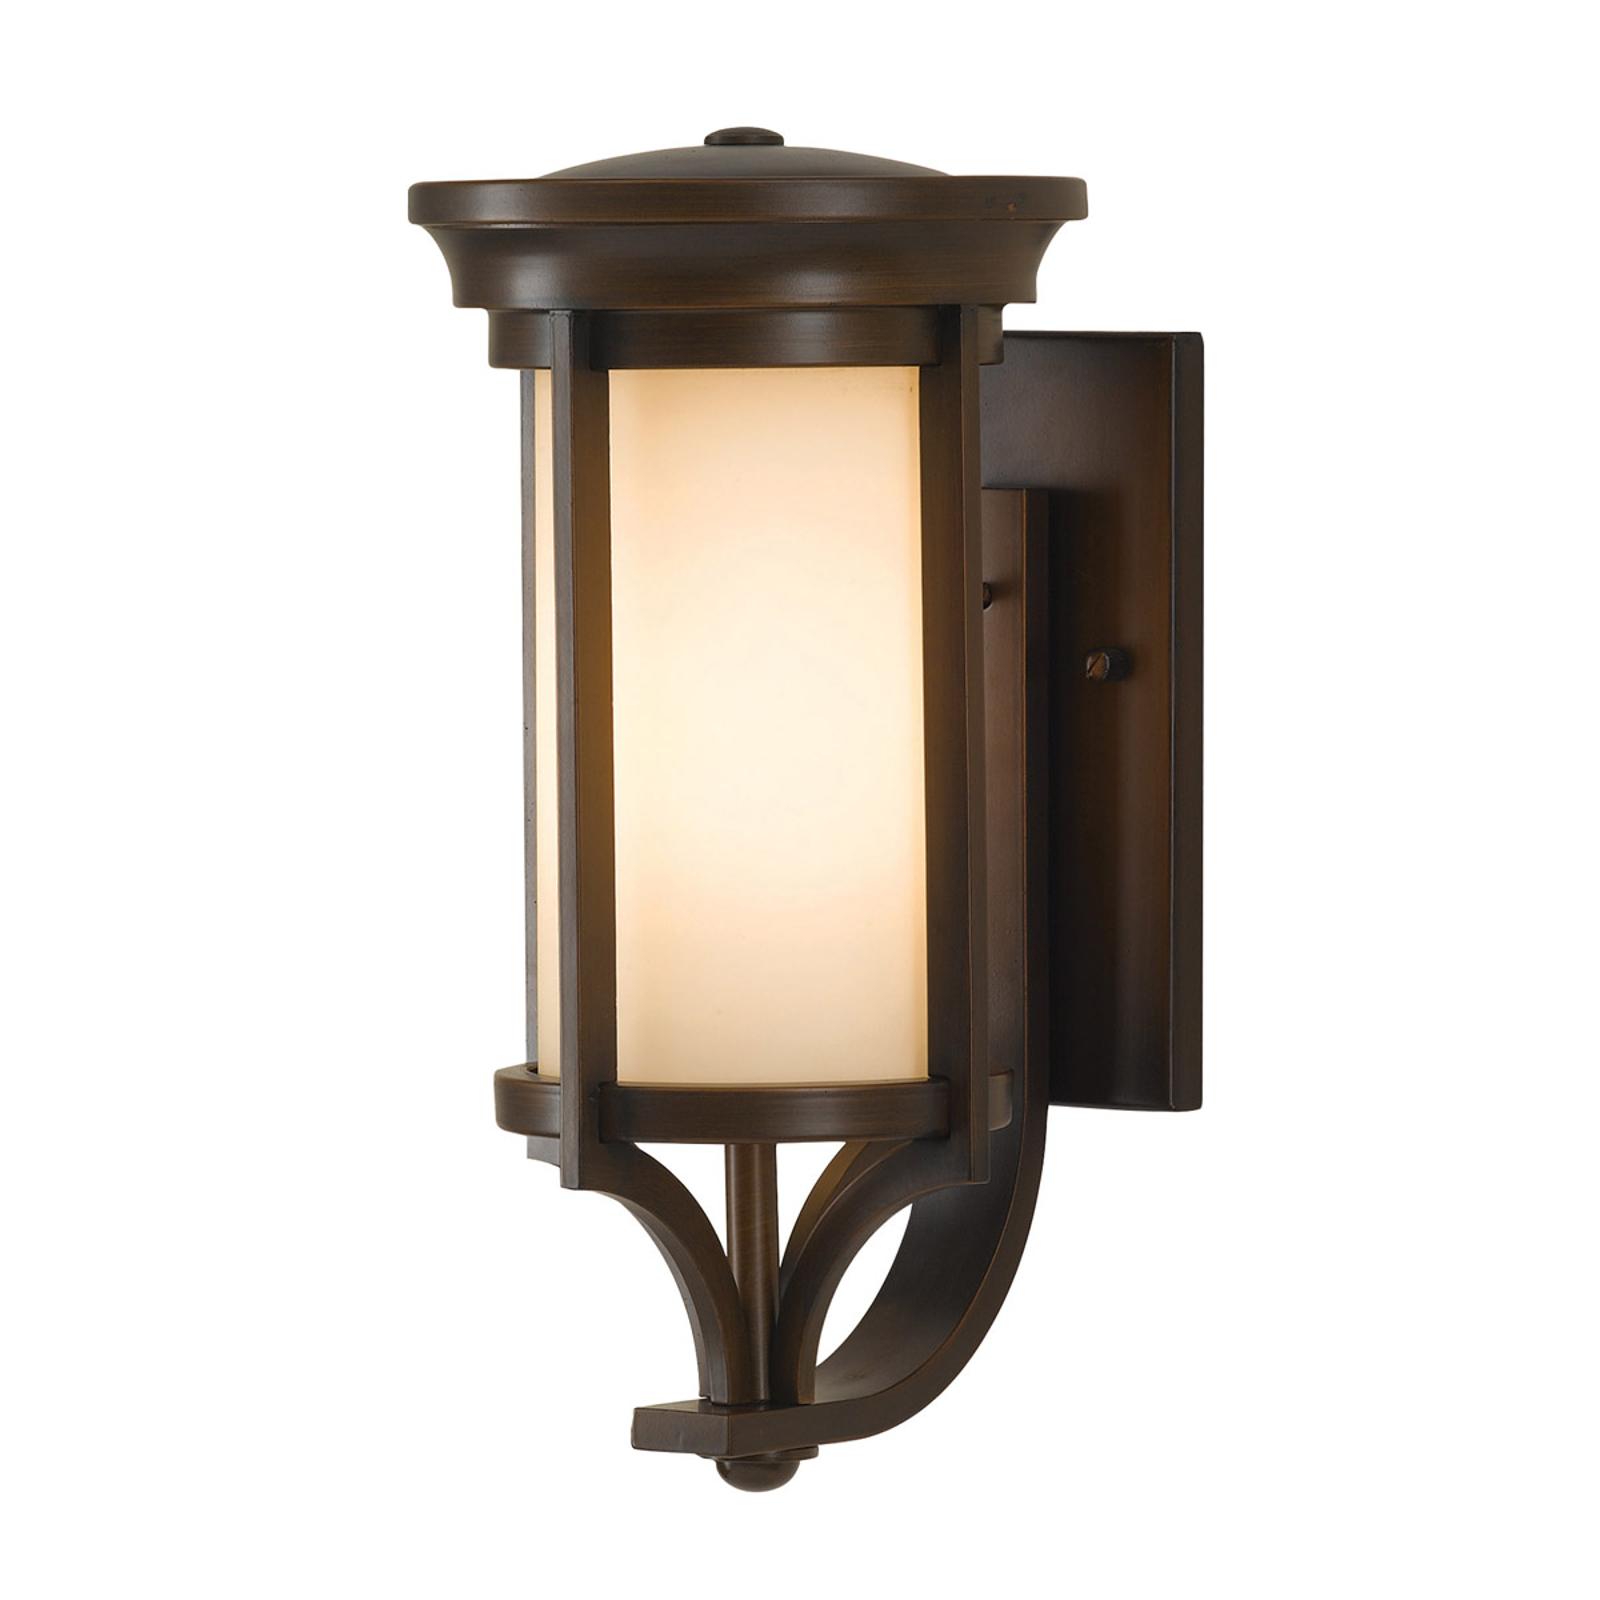 Merrill udendørs væglampe, bronze